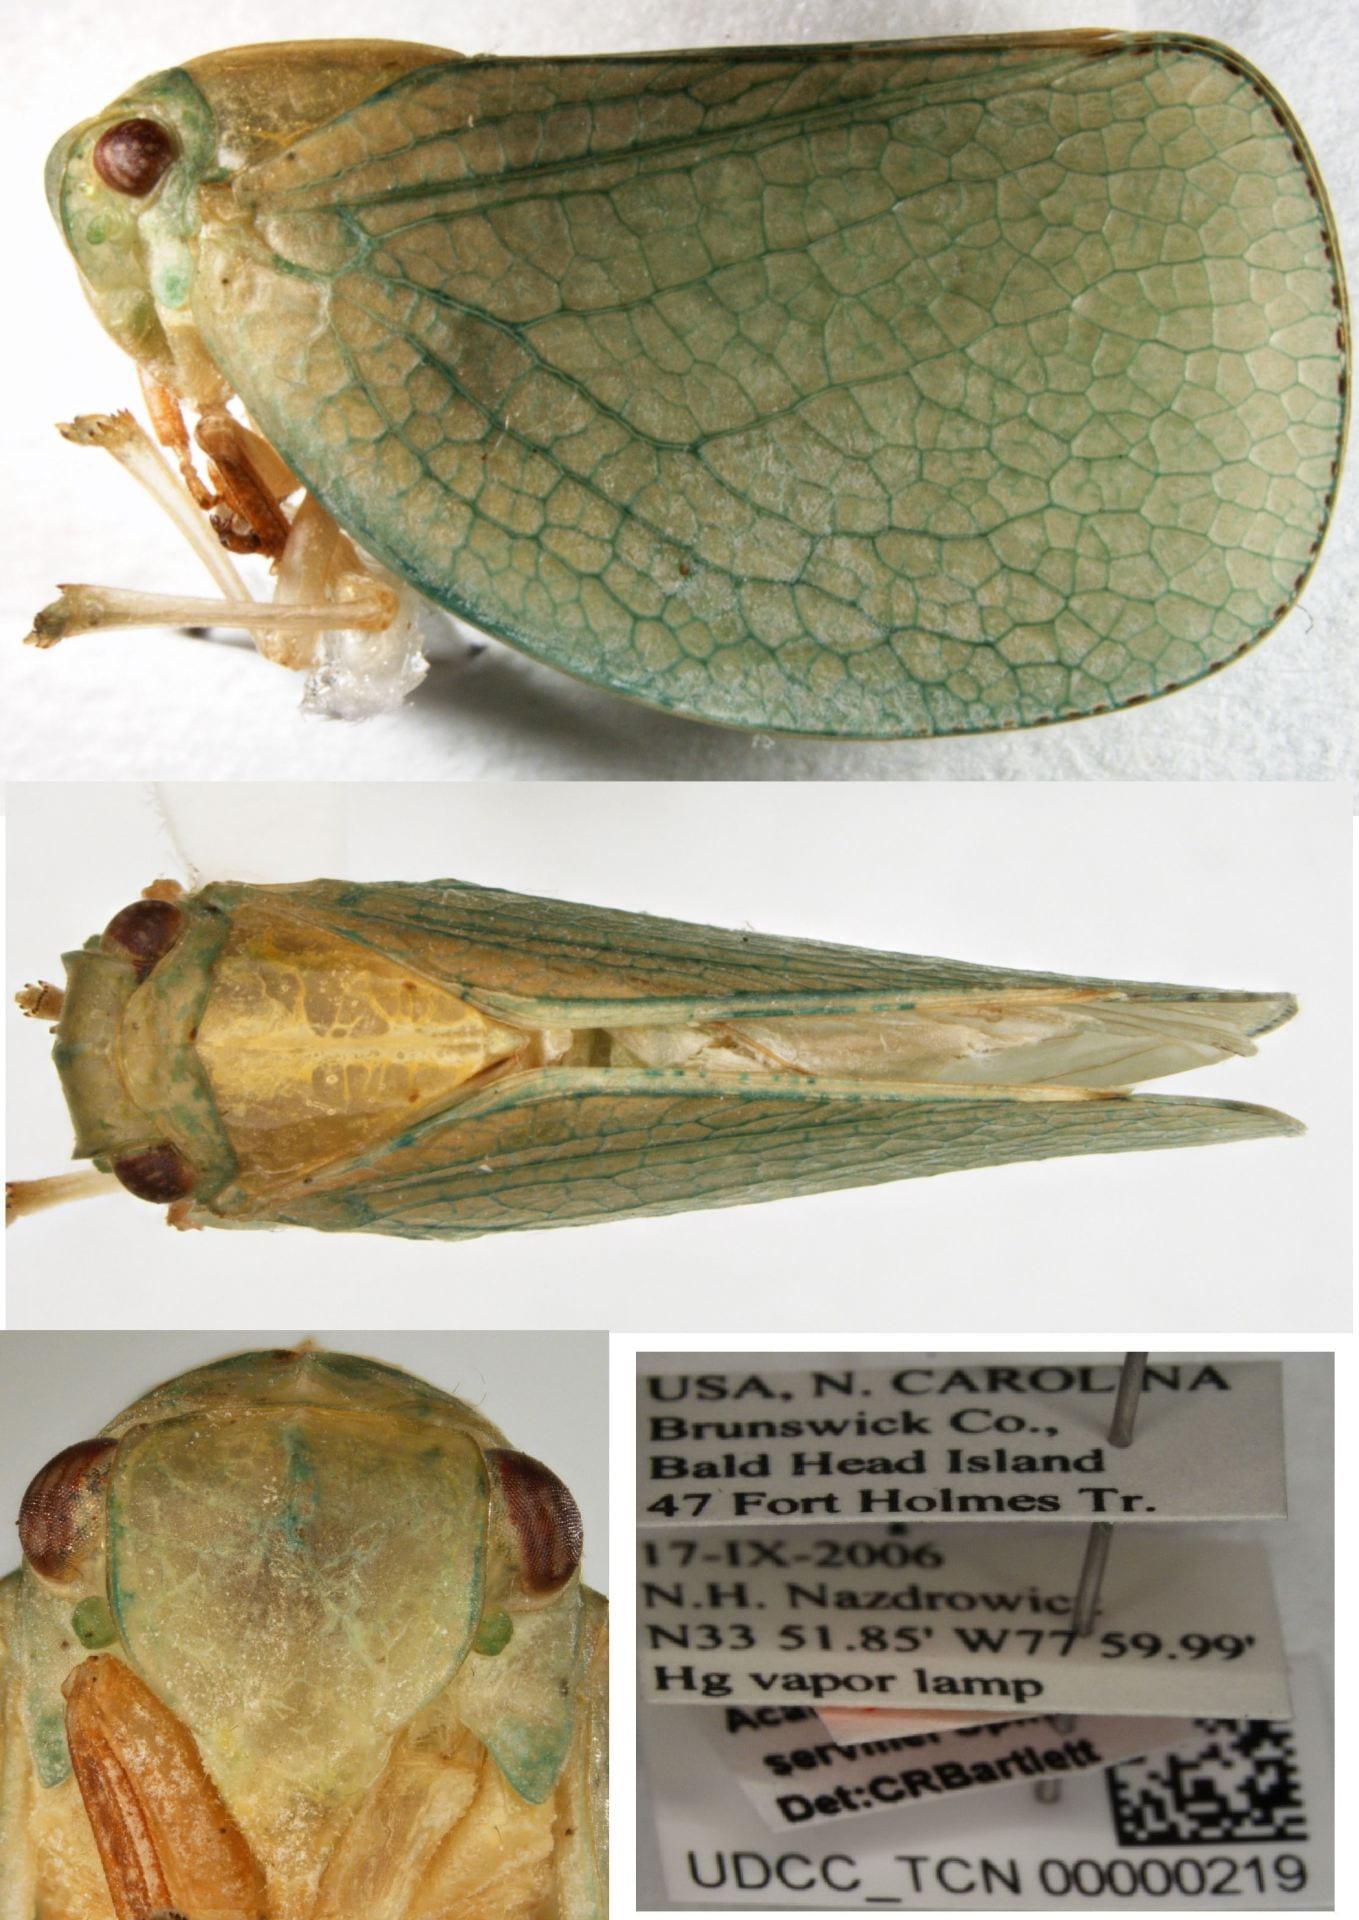 Acanalonia servillei